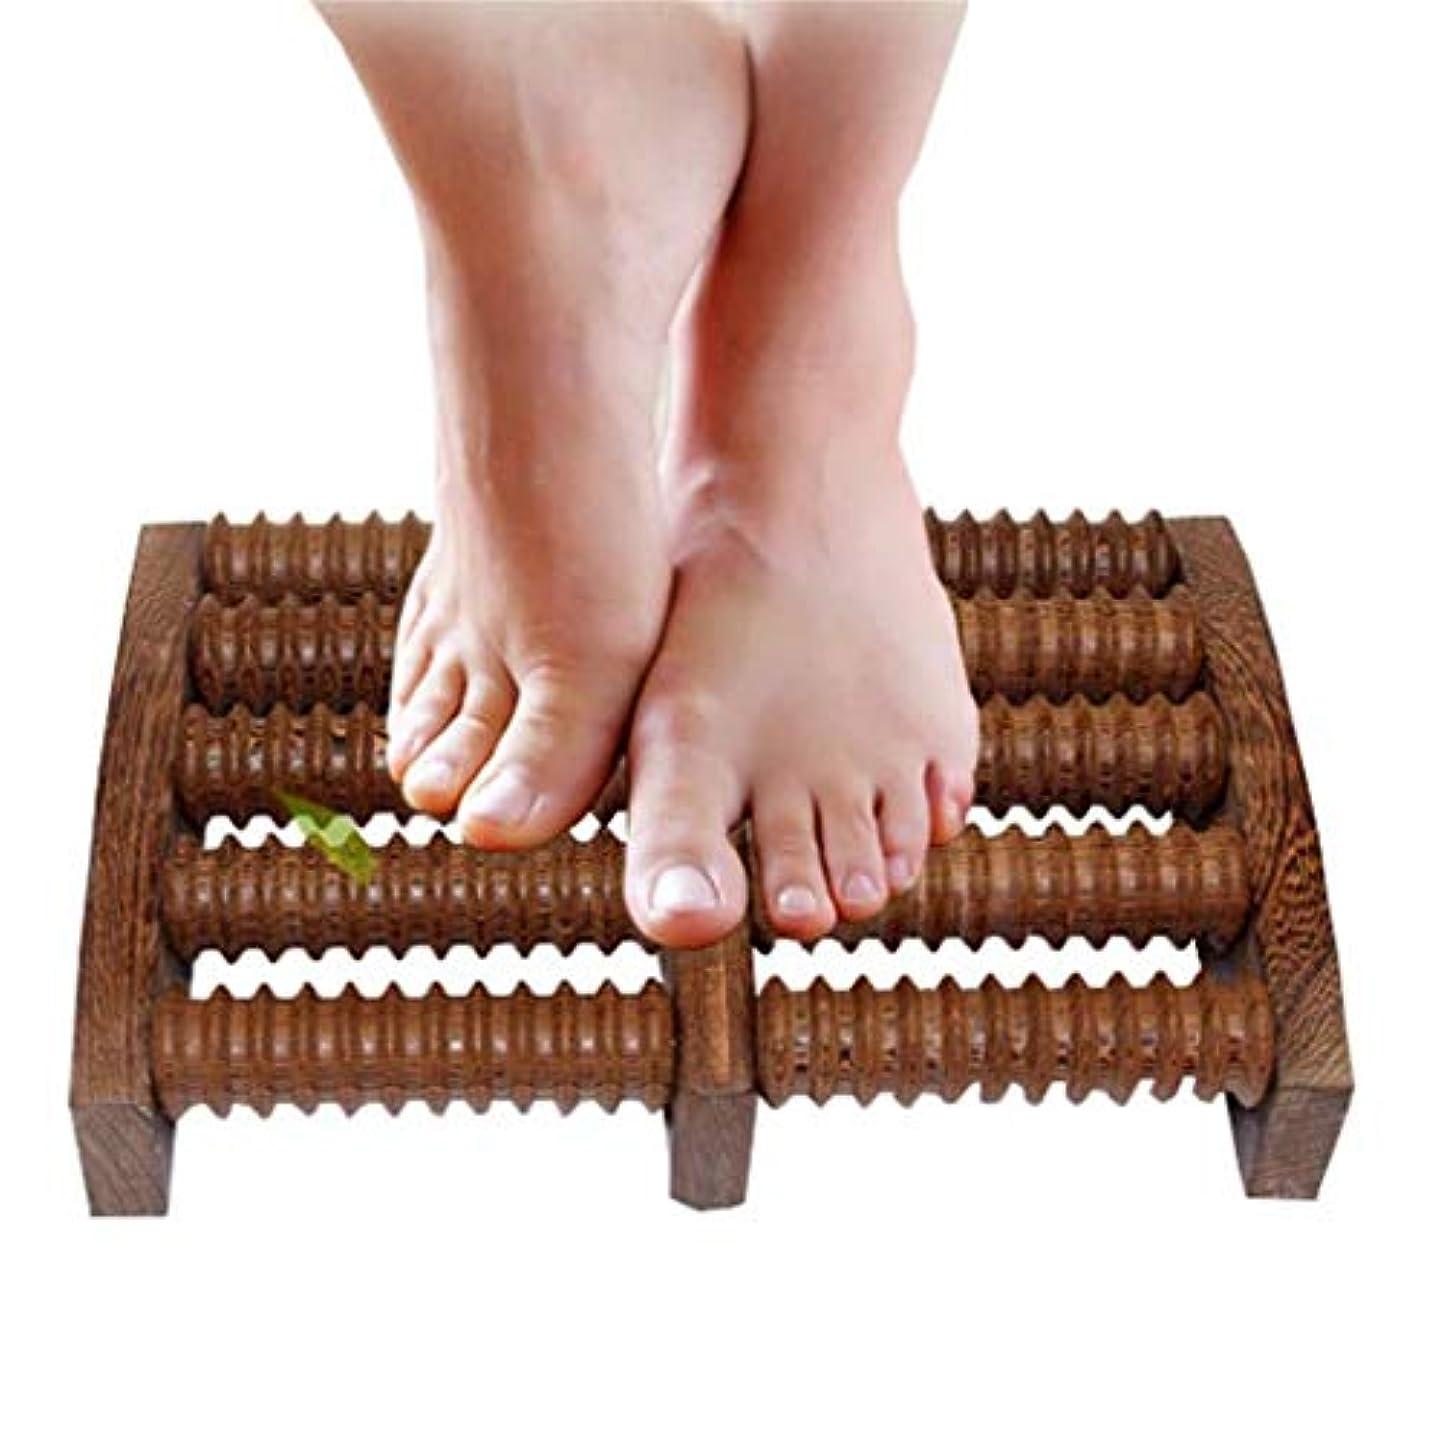 彫る読みやすい子豚木製足裏マッサージローラーは、足底筋膜炎の治療のために圧力/かかととアーチの痛みを和らげ、筋肉と足のマッサージャーをリラックスさせます (Color : B)